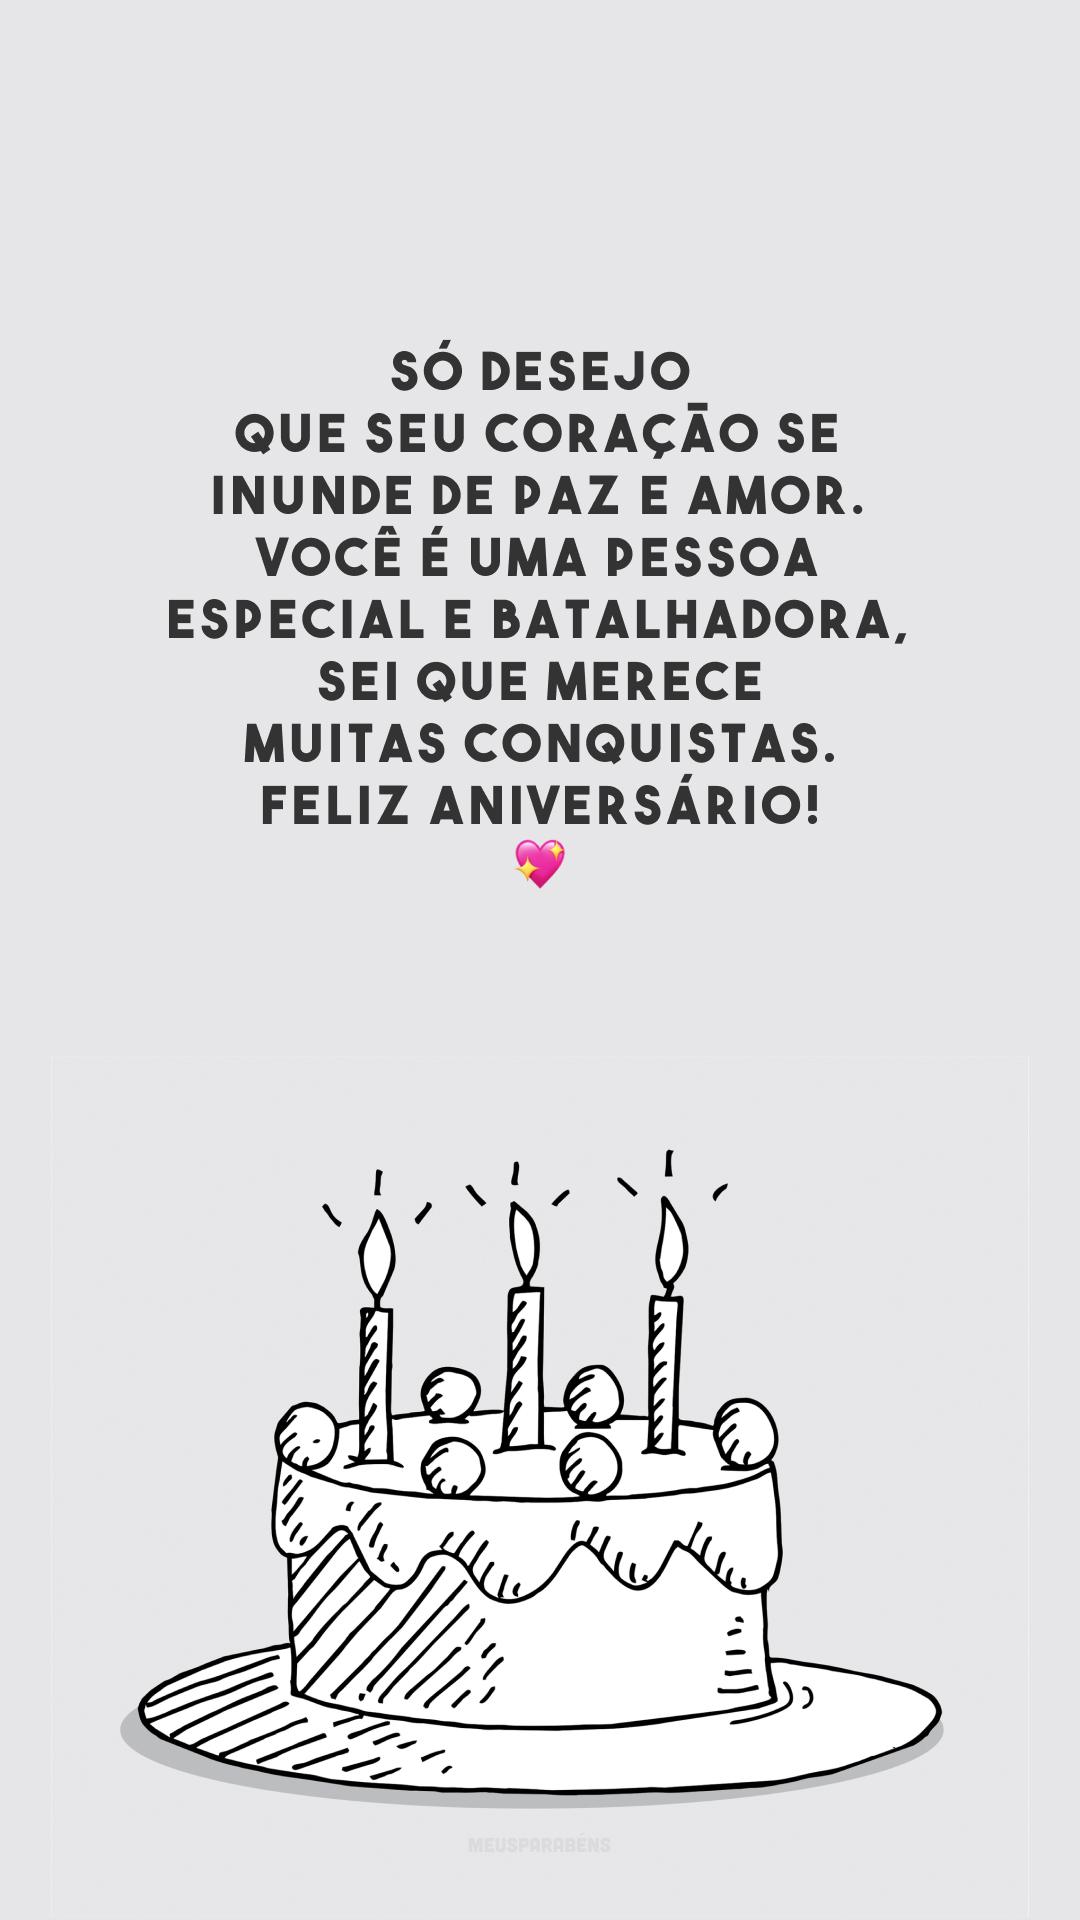 Só desejo que seu coração se inunde de paz e amor. Você é uma pessoa especial e batalhadora, sei que merece muitas conquistas. Feliz aniversário! 💖